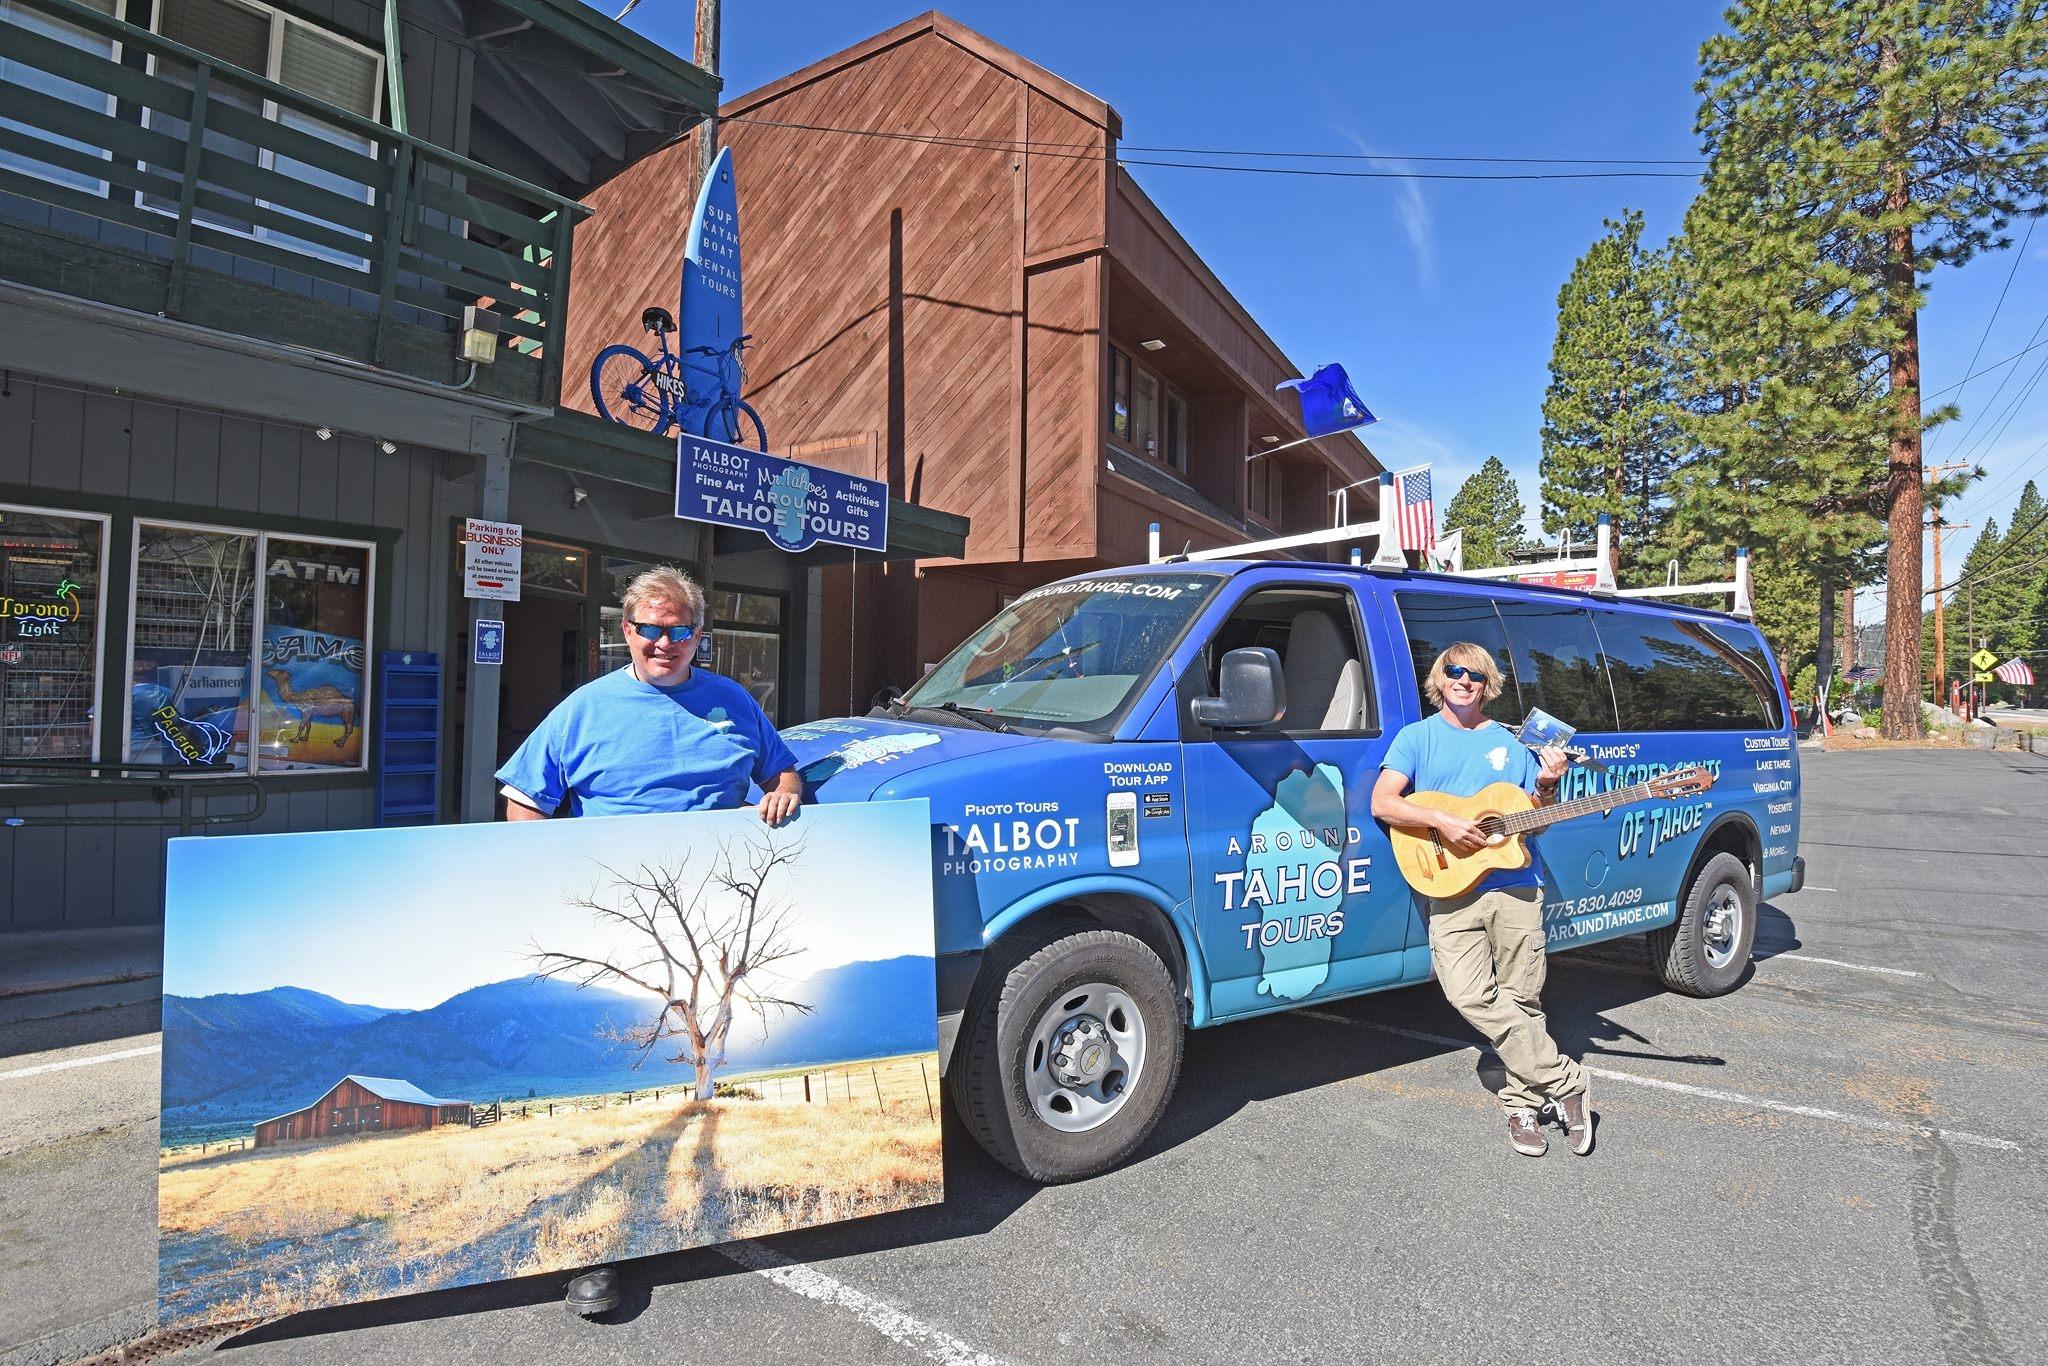 Around Tahoe Tours image 0